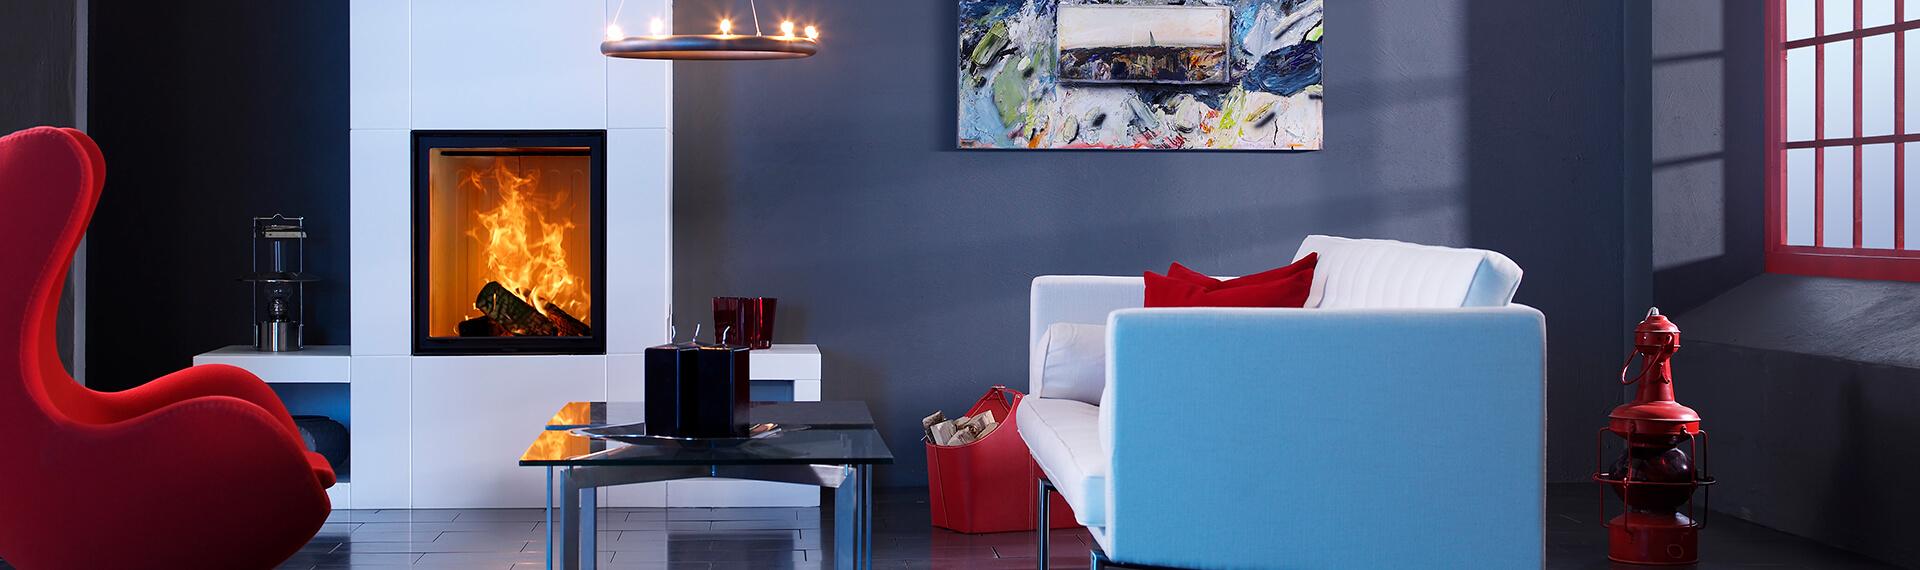 heizkamine. Black Bedroom Furniture Sets. Home Design Ideas